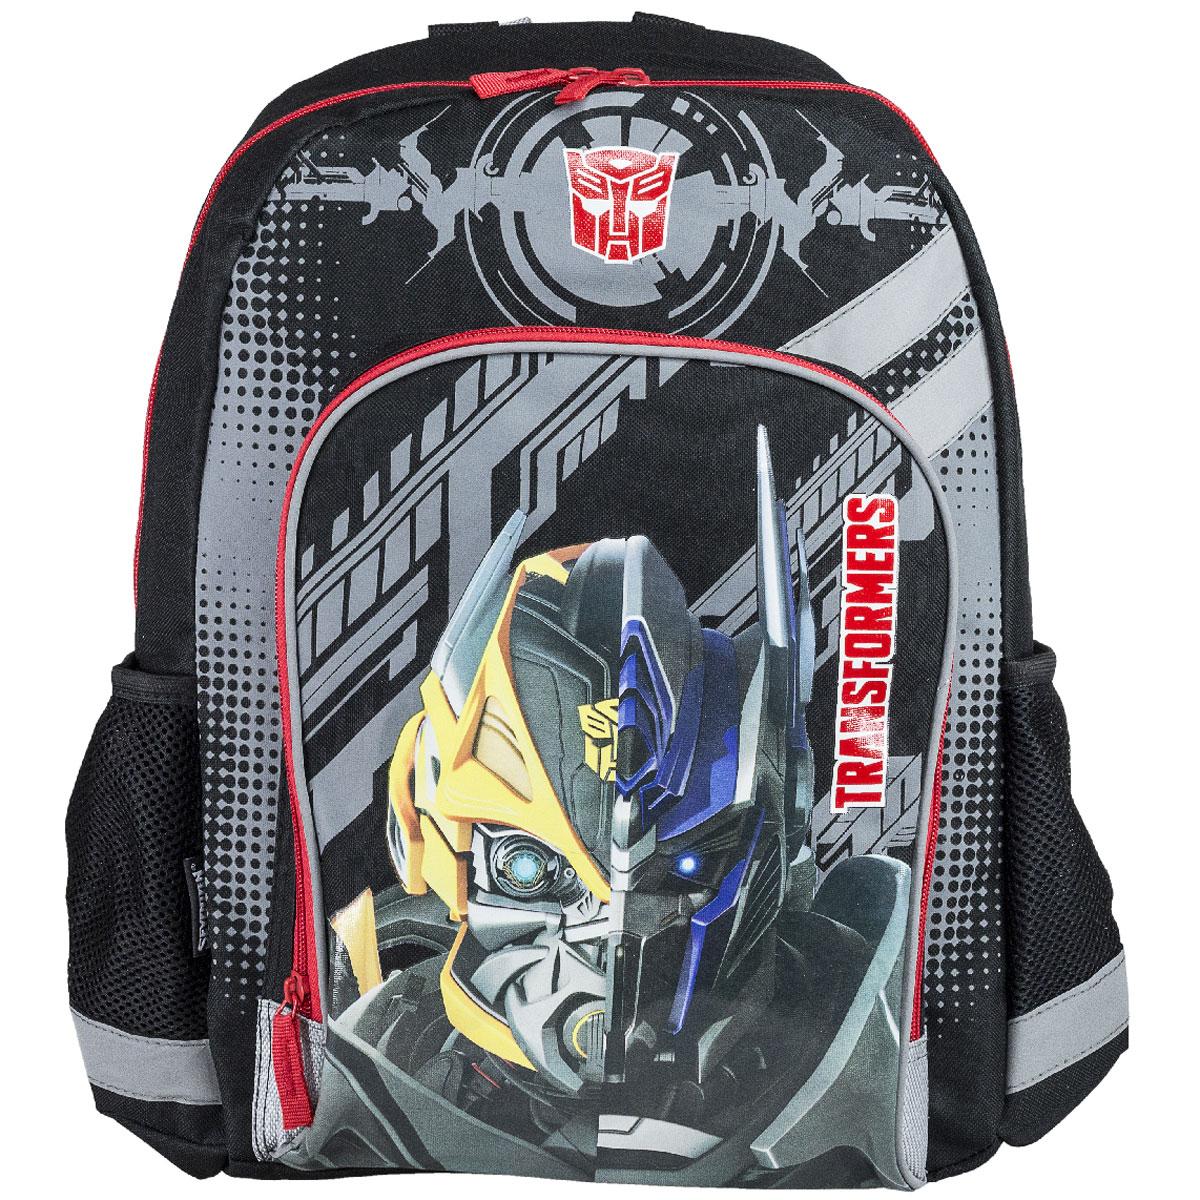 Рюкзак школьный Transformers Prime, цвет: черный, серый красный. TRCB-MT1-988MTRCB-MT1-988MРюкзак школьный Transformers Prime обязательно привлечет внимание вашего школьника. Выполнен из прочных и высококачественных материалов, дополнен изображением трансформера.Содержит одно вместительное отделение, закрывающееся на застежку-молнию с двумя бегунками. Внутри отделения находятся две перегородки для тетрадей или учебников, фиксирующиеся резинкой. Дно рюкзака можно сделать жестким, разложив специальную панель с пластиковой вставкой, что повышает сохранность содержимого рюкзака и способствует правильному распределению нагрузки. Лицевая сторона оснащена накладным карманом на молнии. По бокам расположены два накладных кармана-сетка. Конструкция спинки дополнена противоскользящей сеточкой и системой вентиляции для предотвращения запотевания спины ребенка. Мягкие широкие лямки S-образной формы позволяют легко и быстро отрегулировать рюкзак в соответствии с ростом. Рюкзак оснащен текстильной ручкой для удобной переноски в руке. Светоотражающие элементы обеспечивают безопасность в темное время суток.Такой школьный рюкзак станет незаменимым спутником вашего ребенка в походах за знаниями.Вес рюкзака без наполнения: 550 г.Рекомендуемый возраст: от 12 лет.